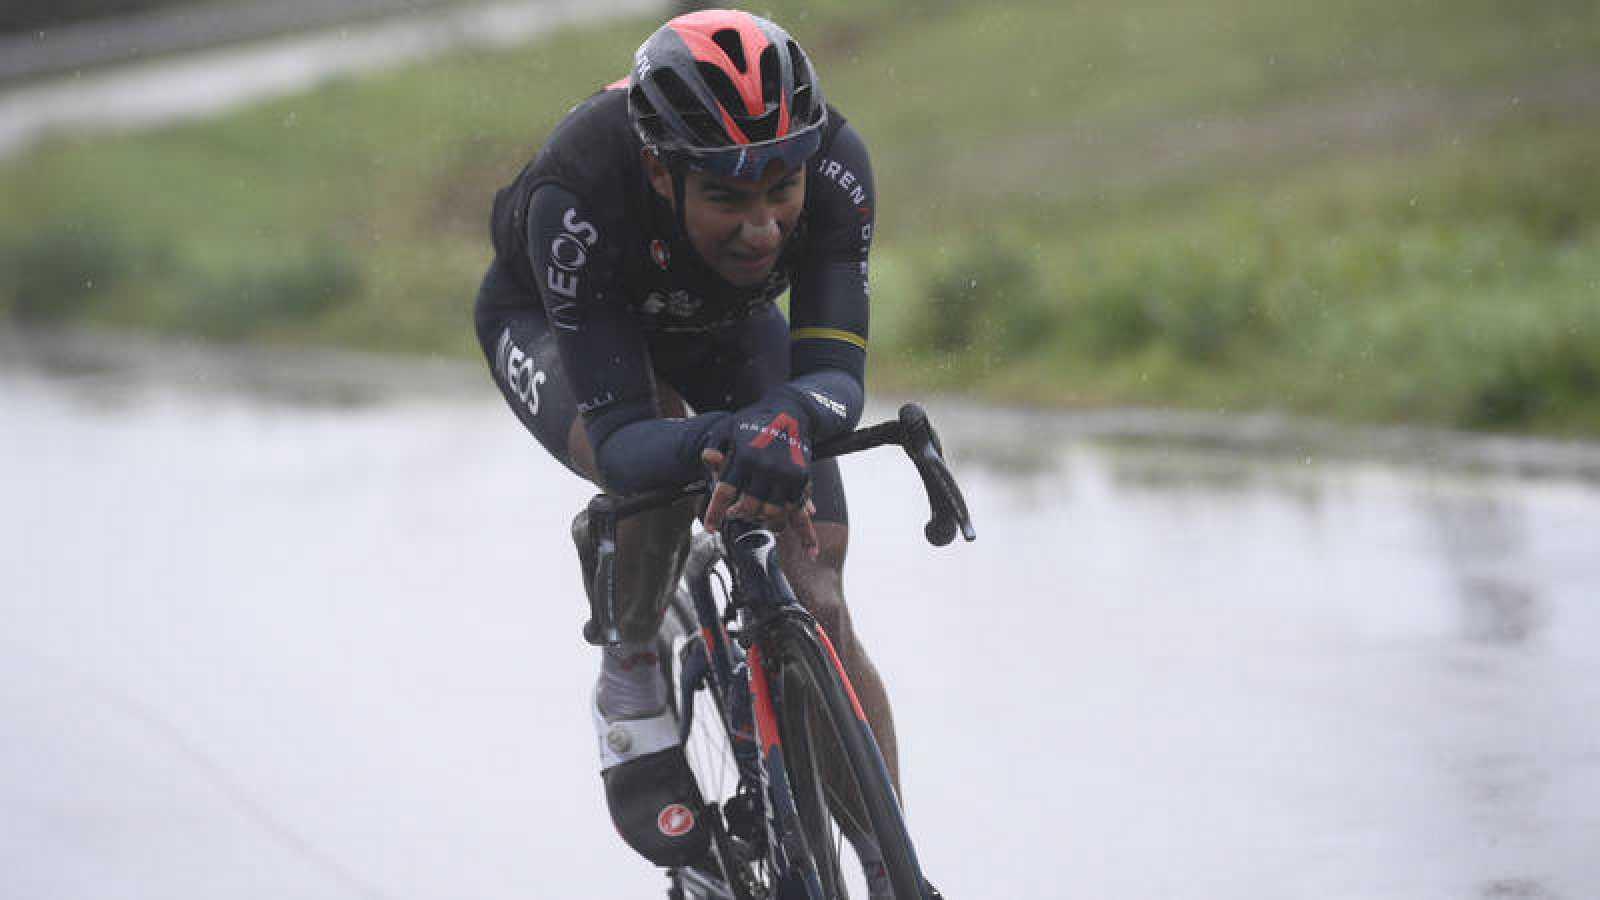 Imagen de Jhonatan Manuel Narvaez Prado (Ineos) durante la etapa 12 del Giro de Italia 2020.